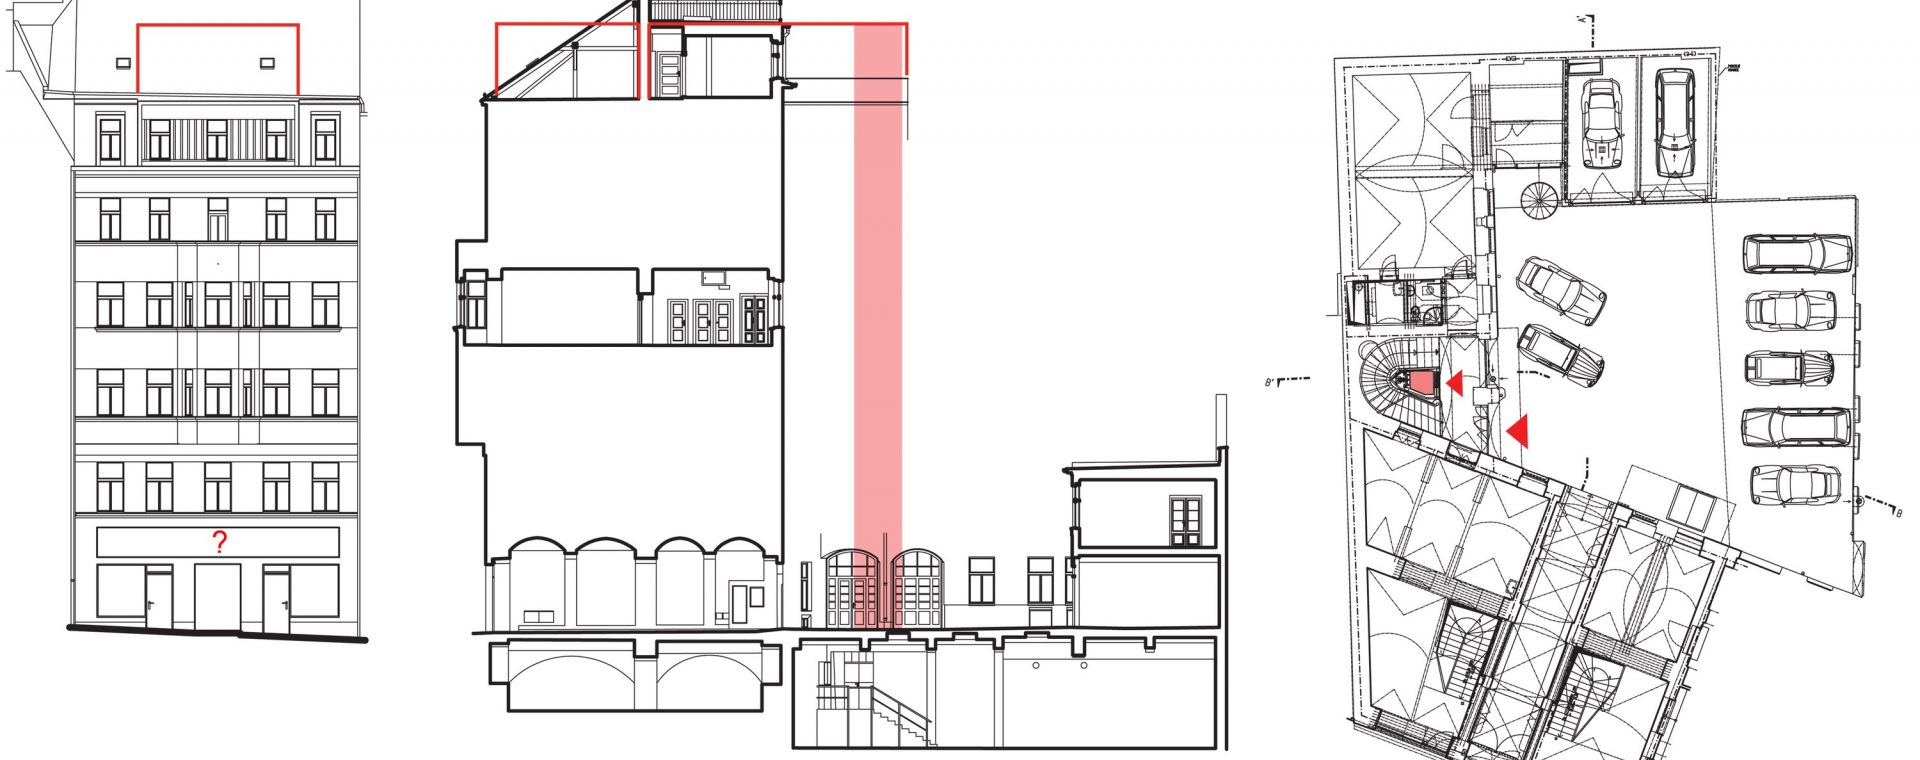 Návrh rekonstrukce polyfunkčního bytového domu na Letné, Milady Horákové 32, Praha 7, 2011-2015, CZ